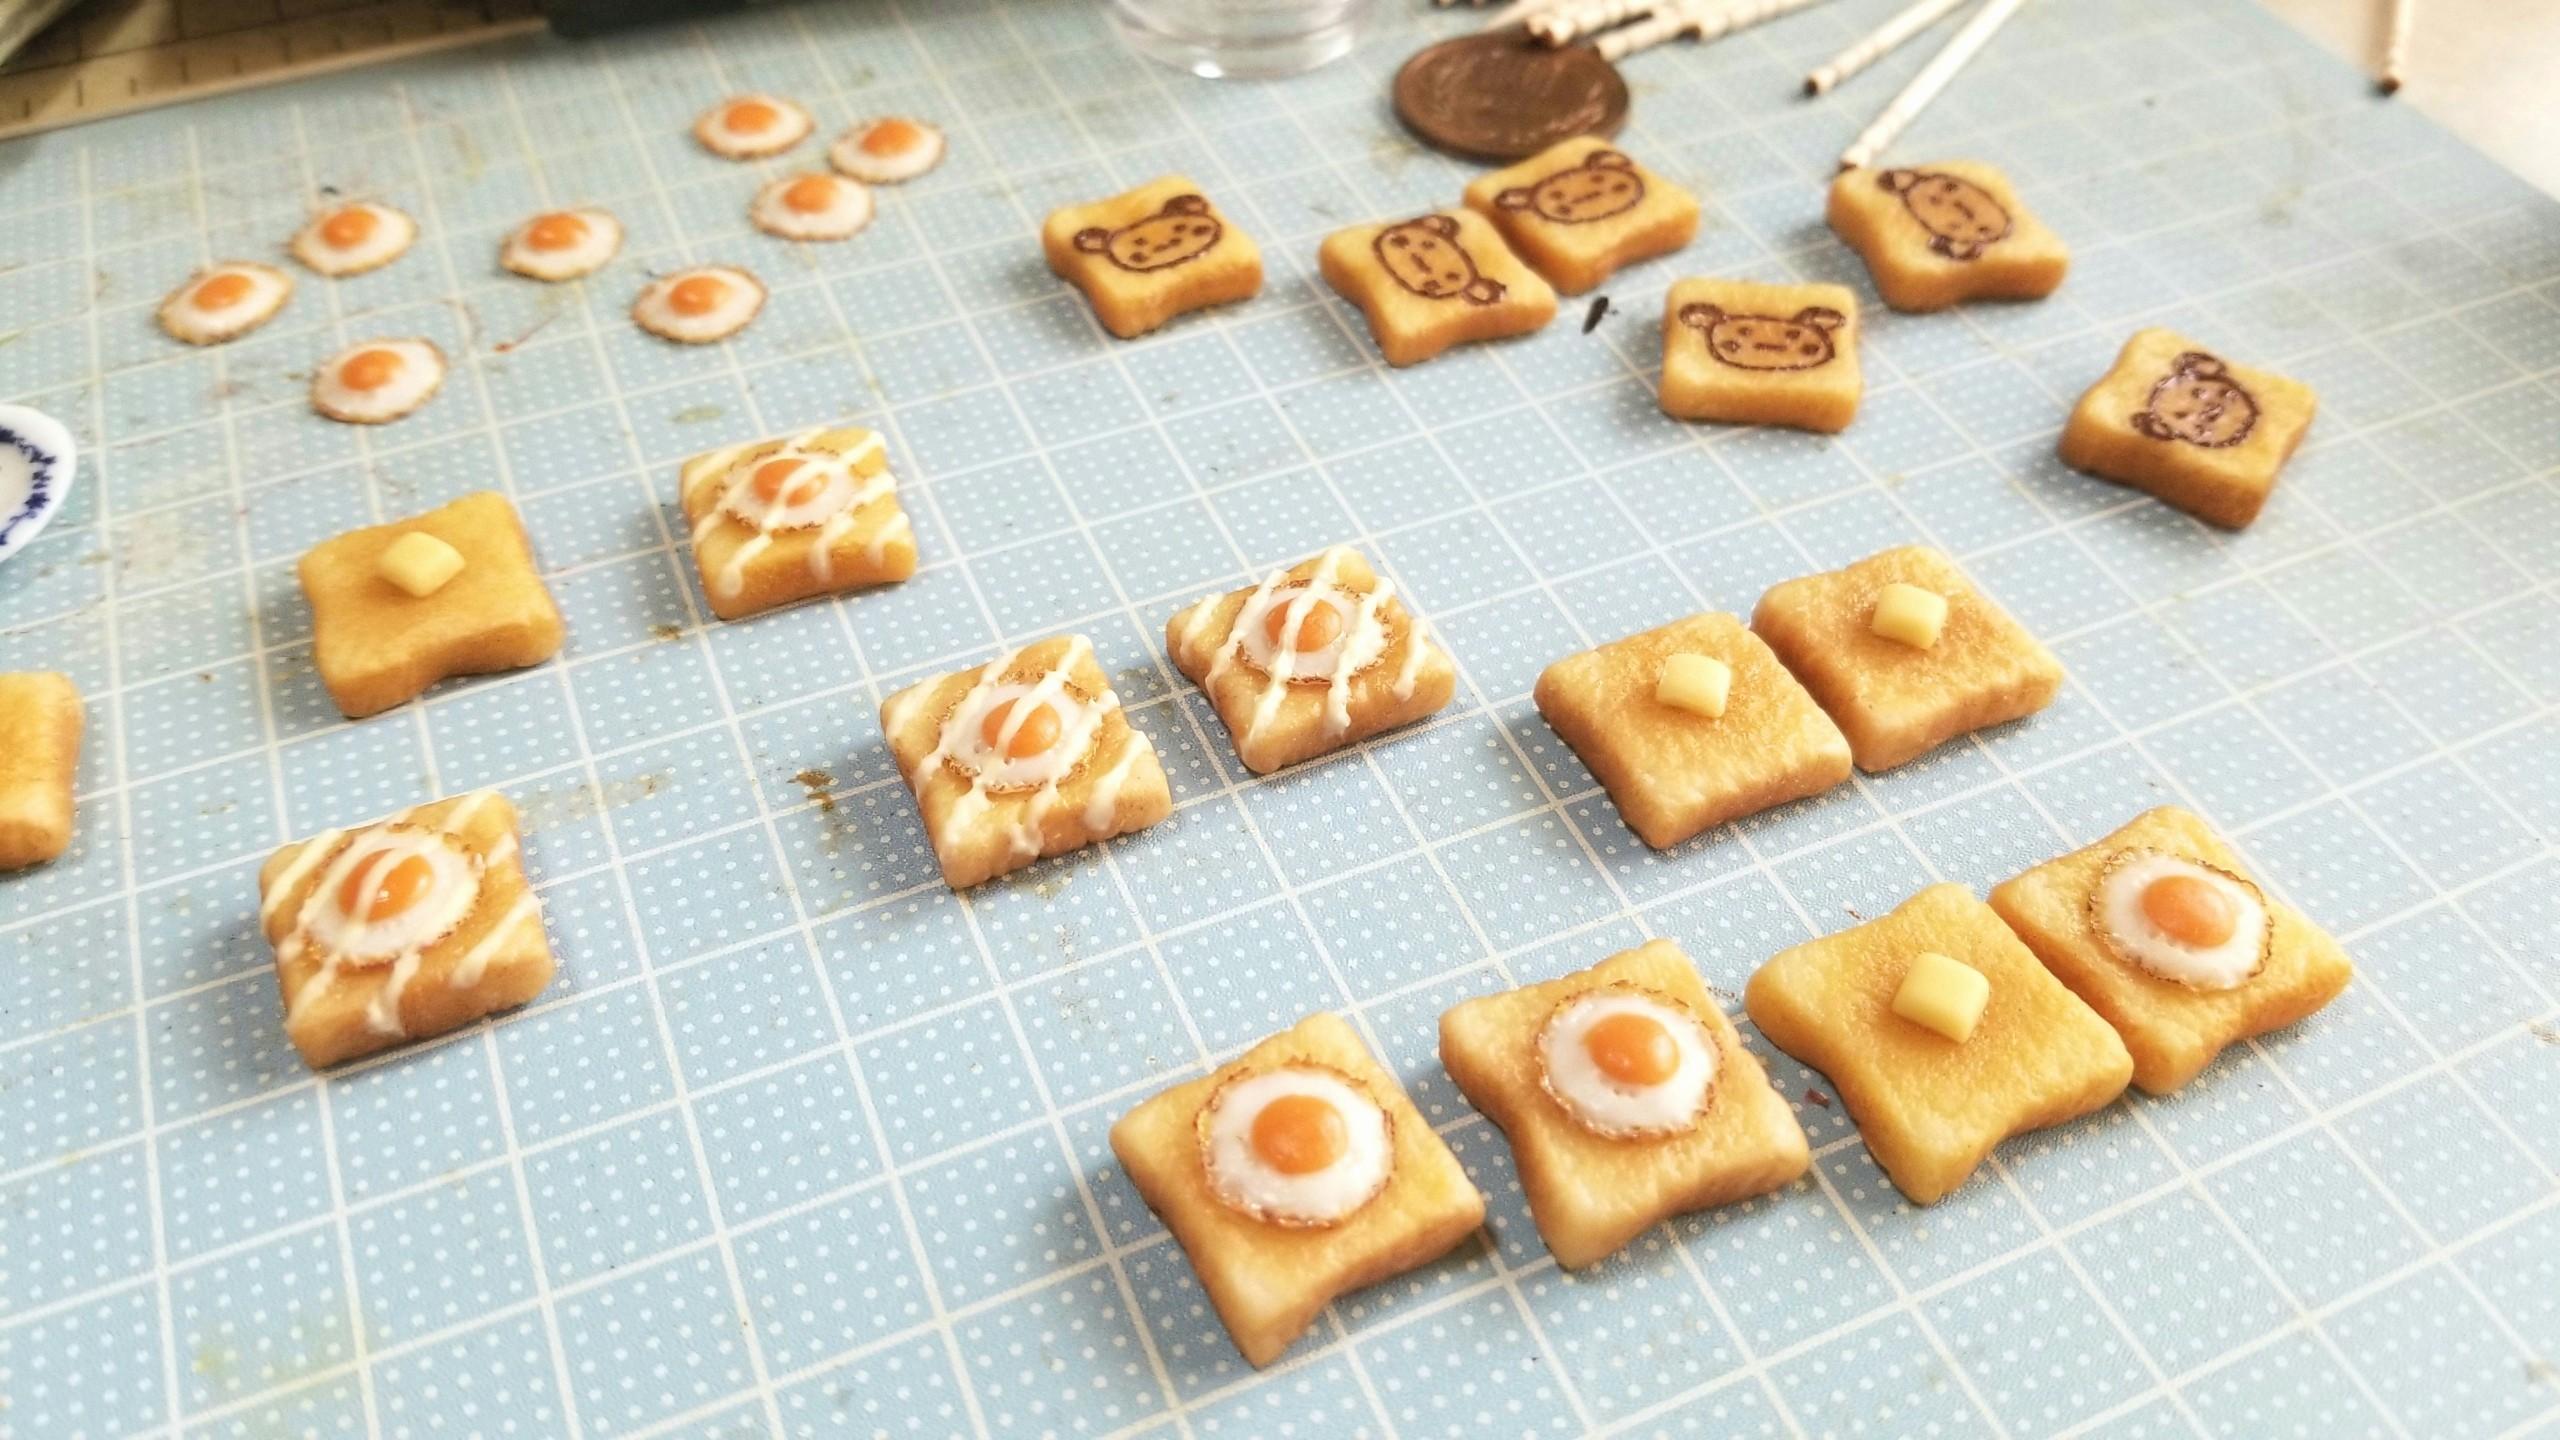 ミニチュア,樹脂粘土,目玉焼きトーストラピュタパン食作り方ブログ